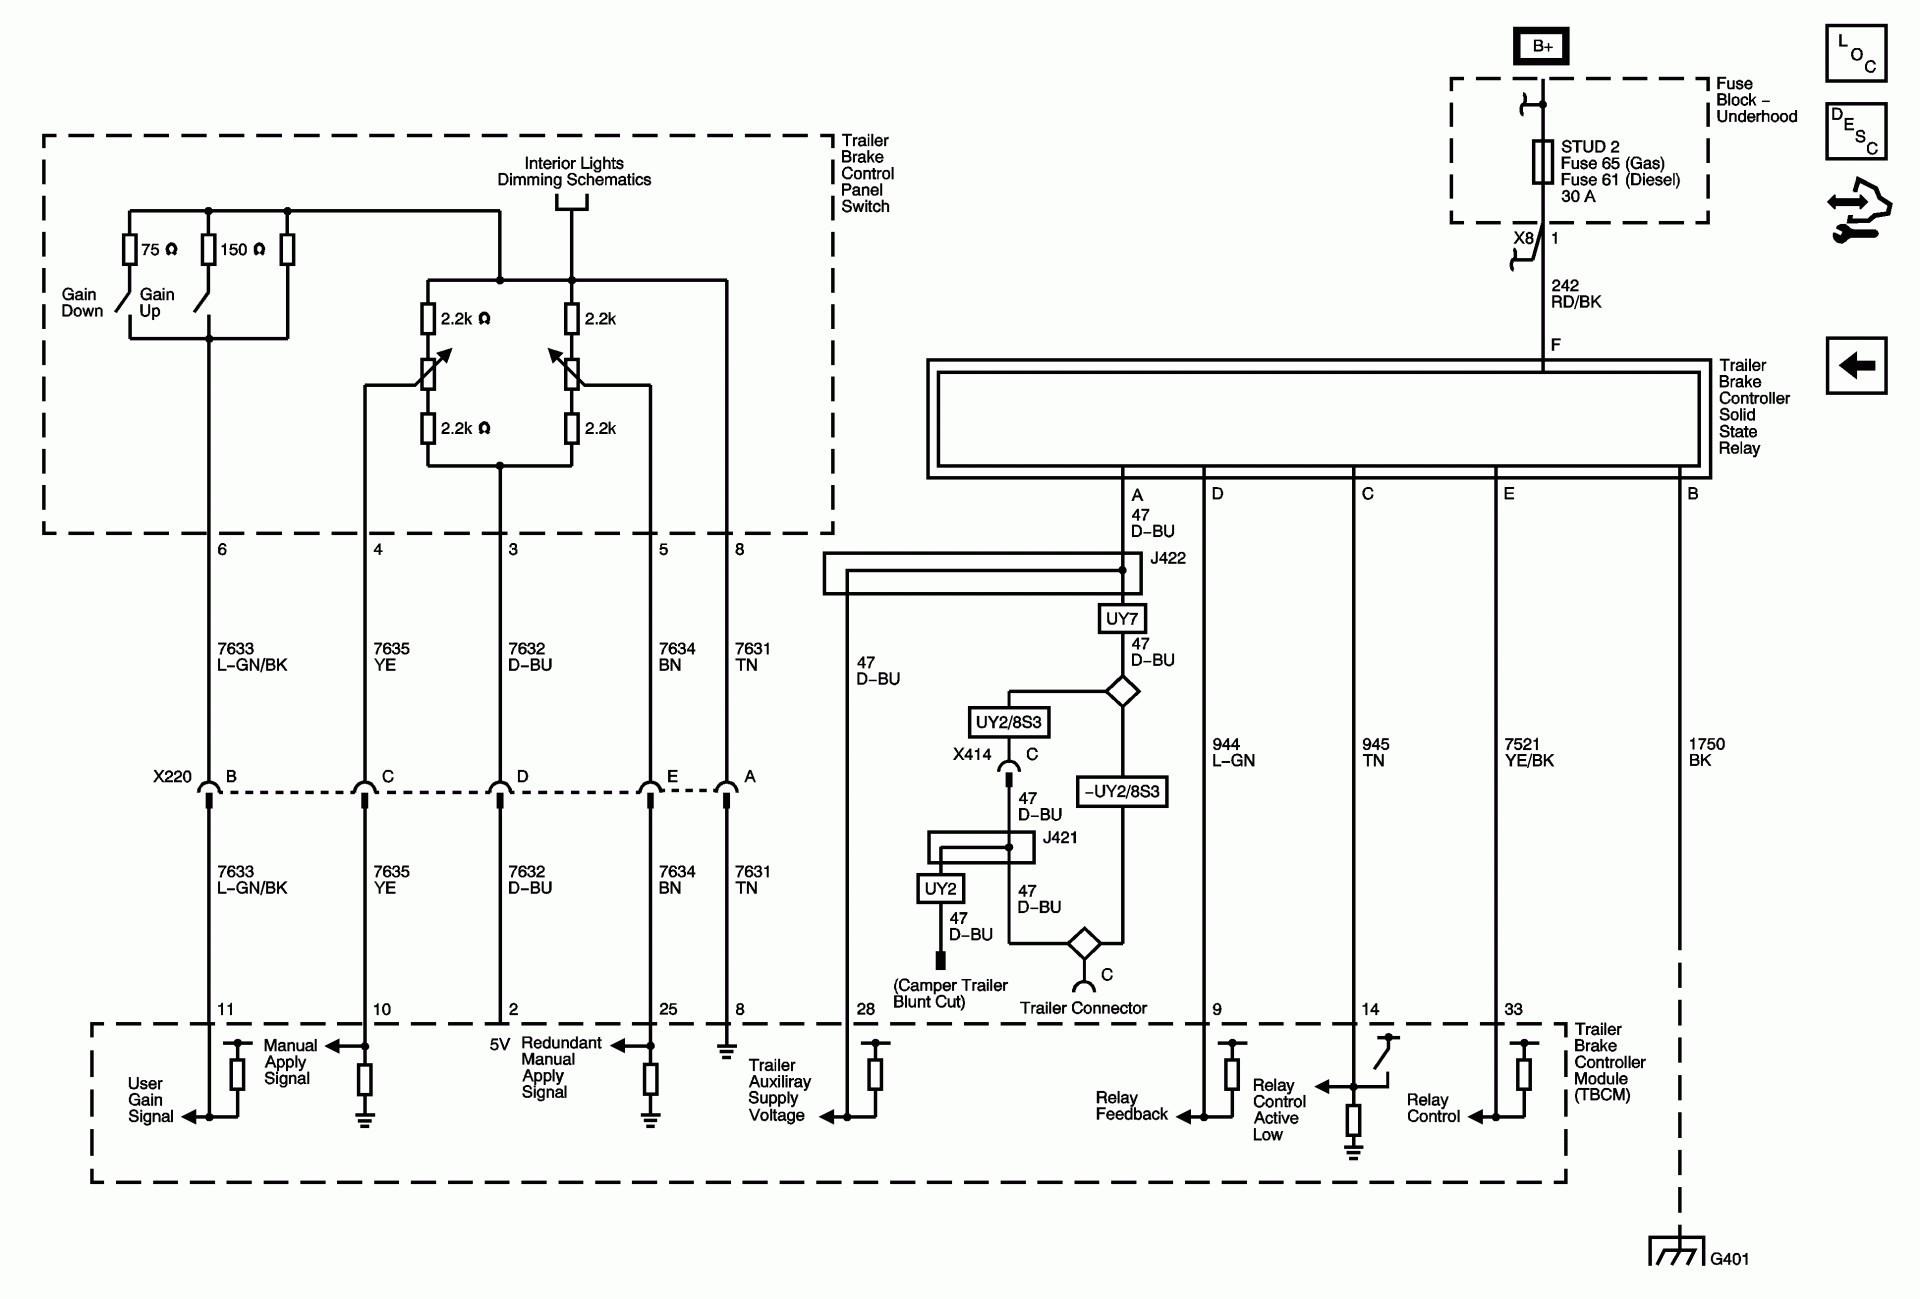 curt brake controller wiring diagram Download-Trailer Brake Controller Wiring Diagram Inspirational Wiring Diagram Trailer Brakes Refrence Tekonsharodigy2 Wiring 3-n